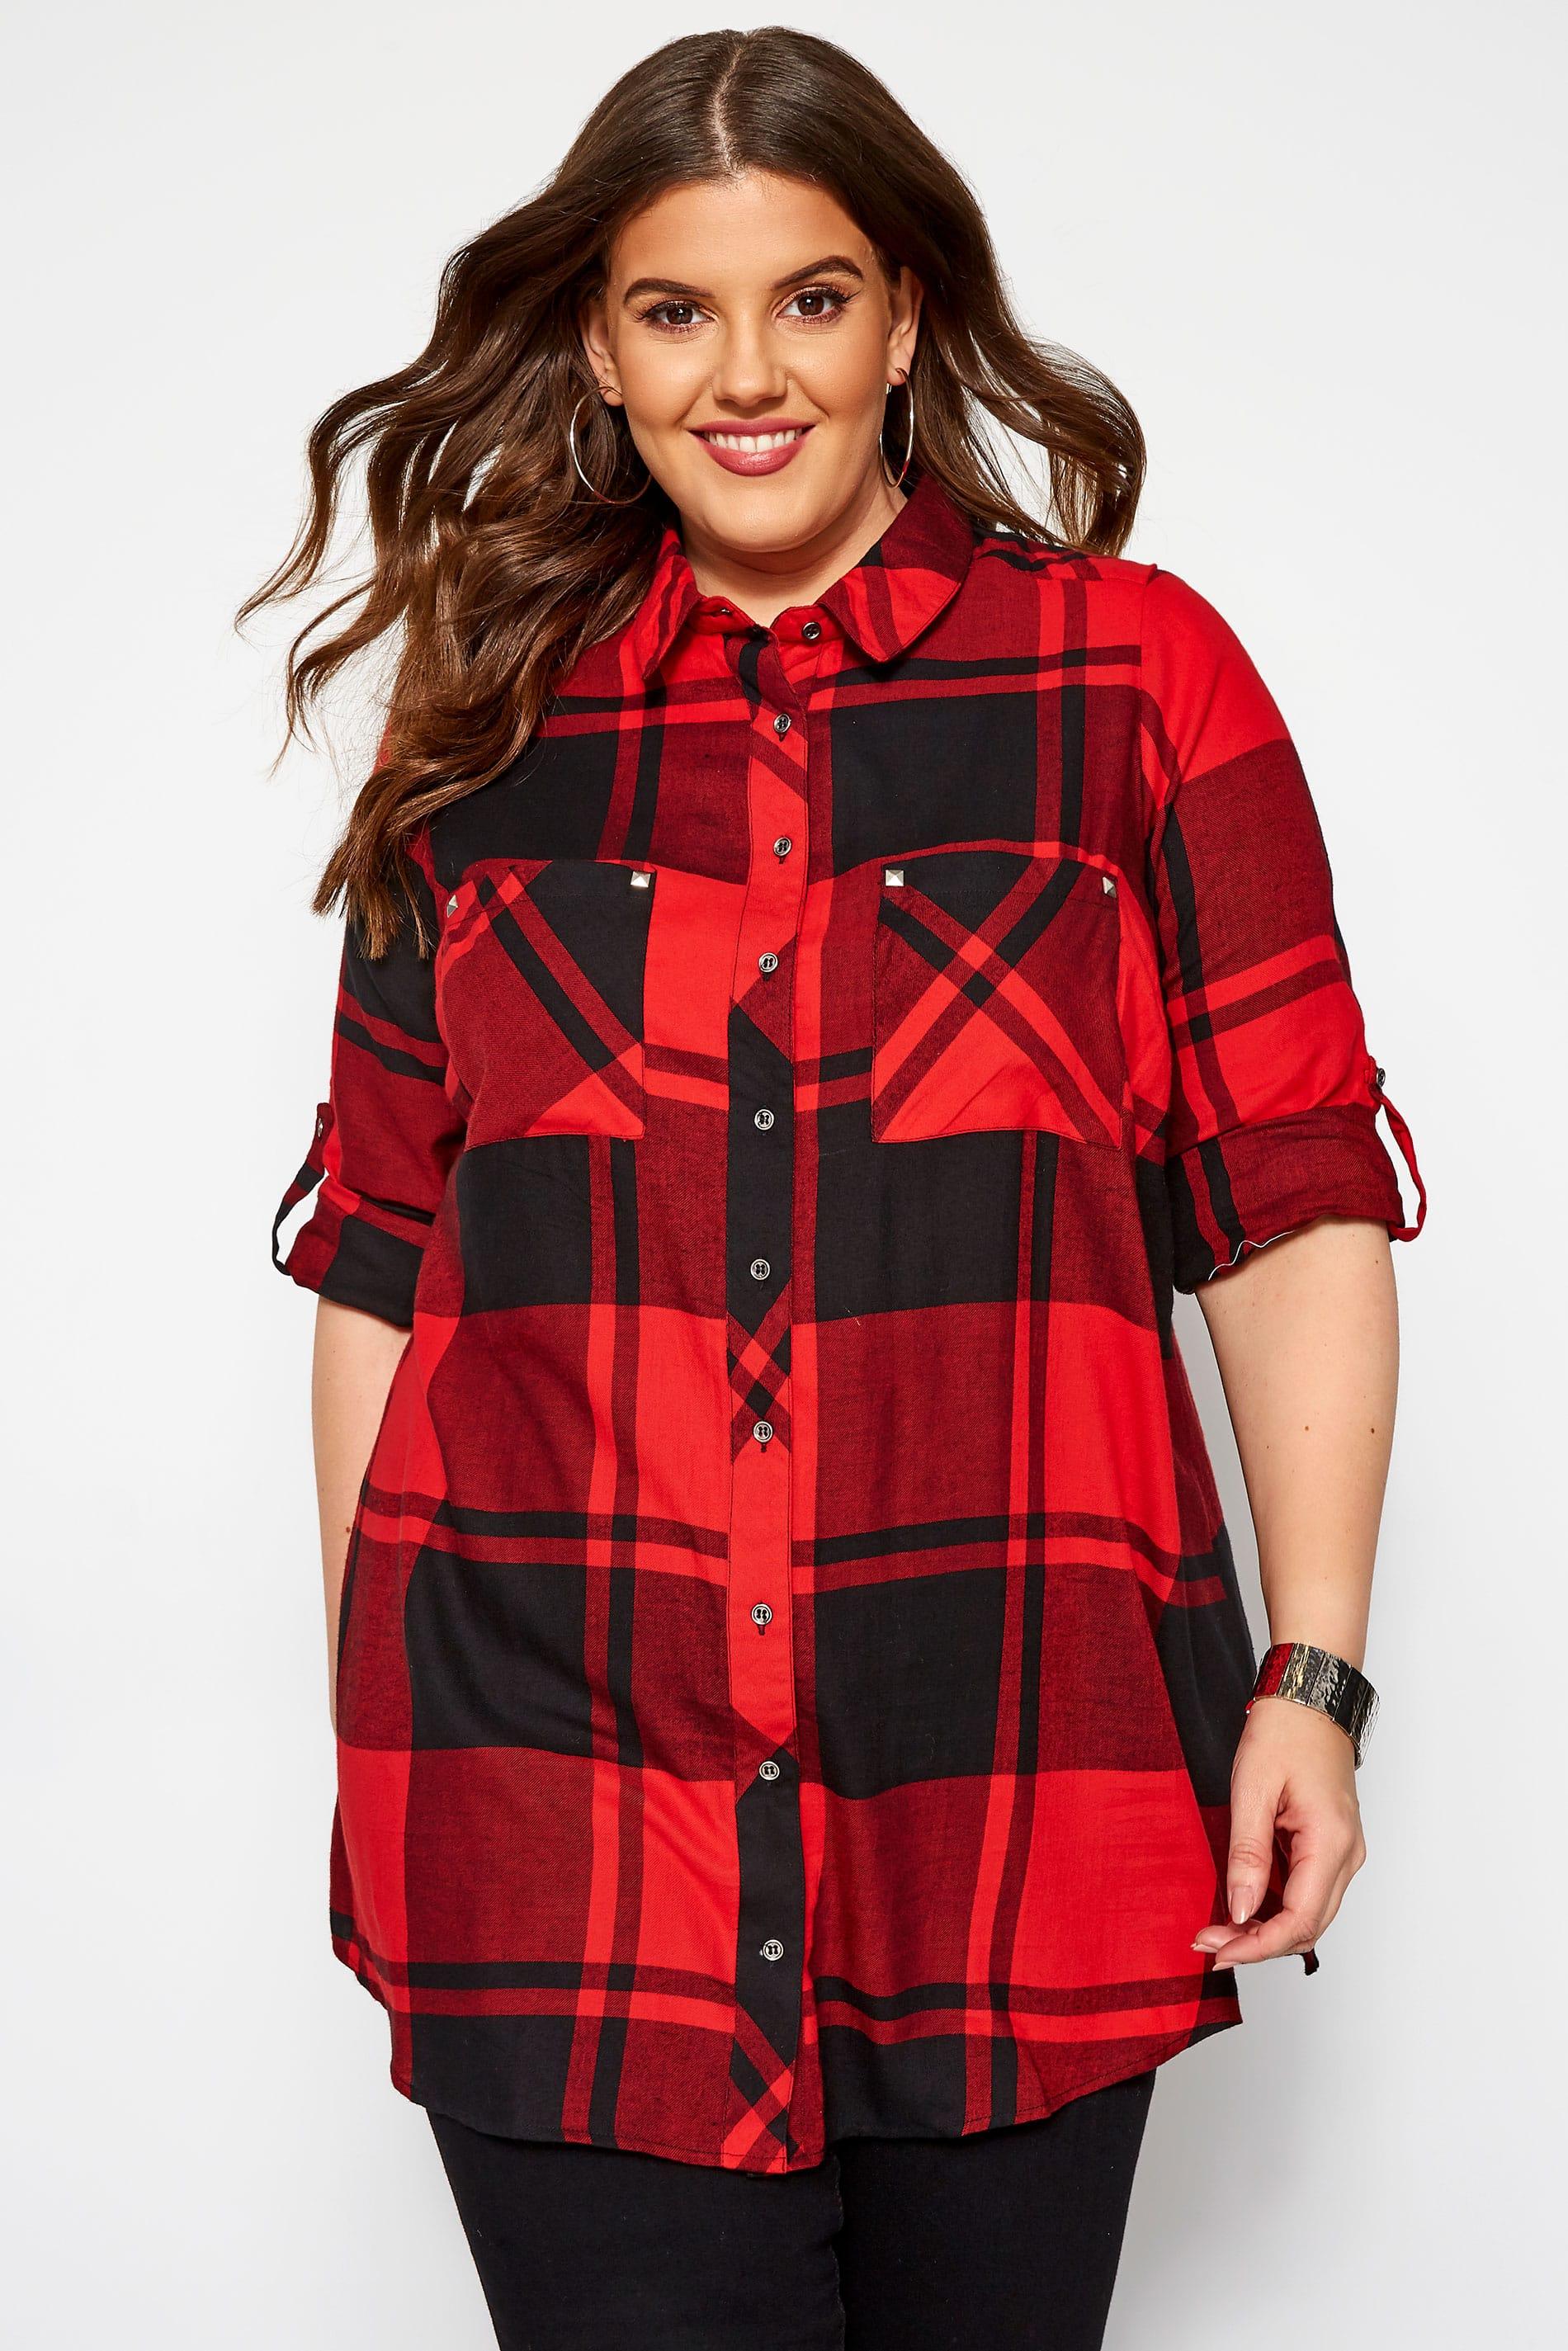 Czerwono czarna koszula w kratę, damskie duże rozmiary 44 64  K4ykb